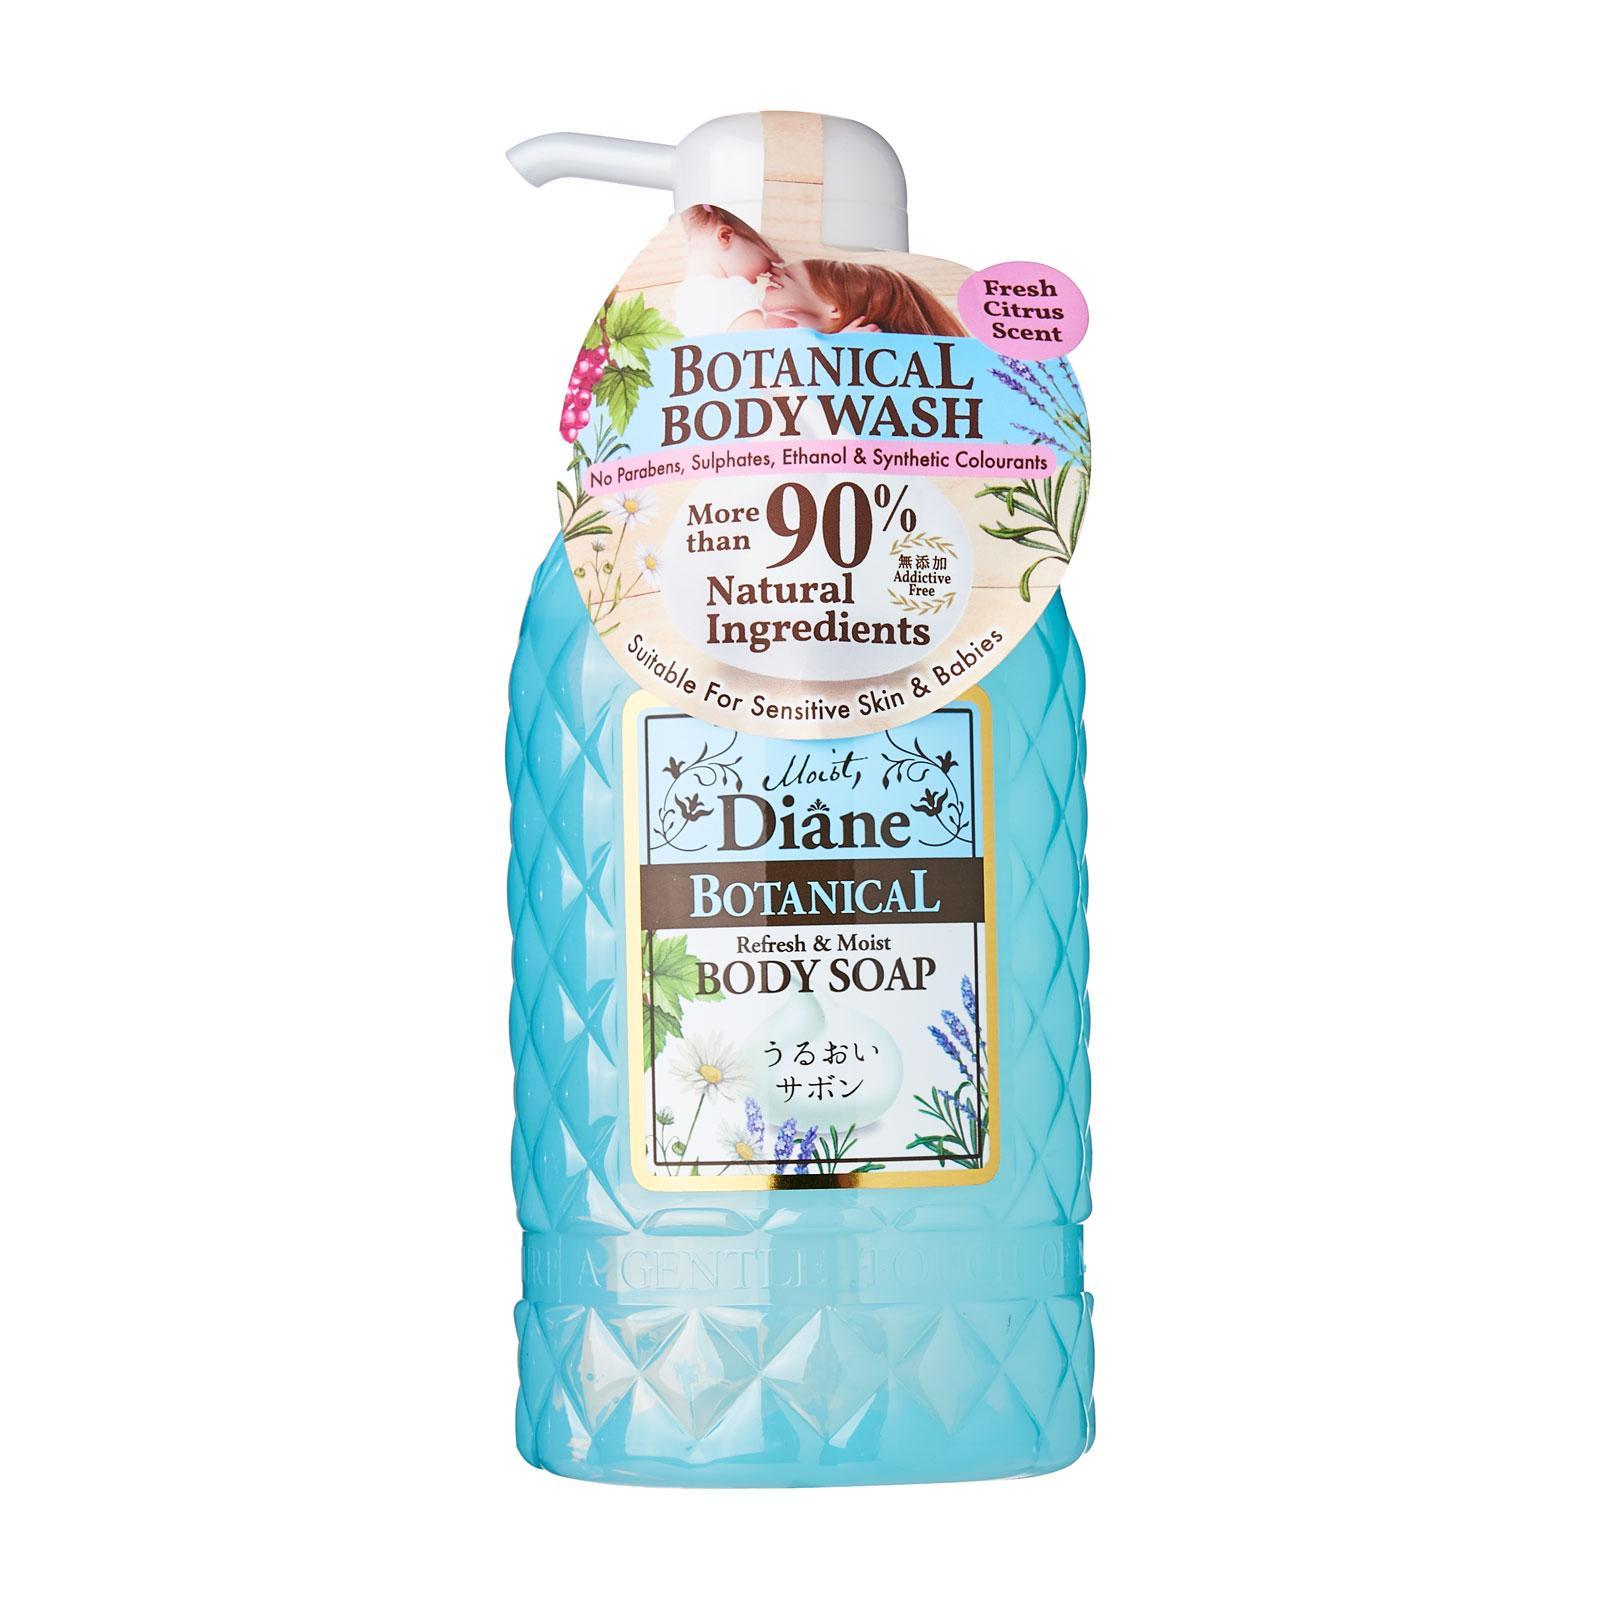 Moist Diane Botanical Refresh and Moist Body Soap